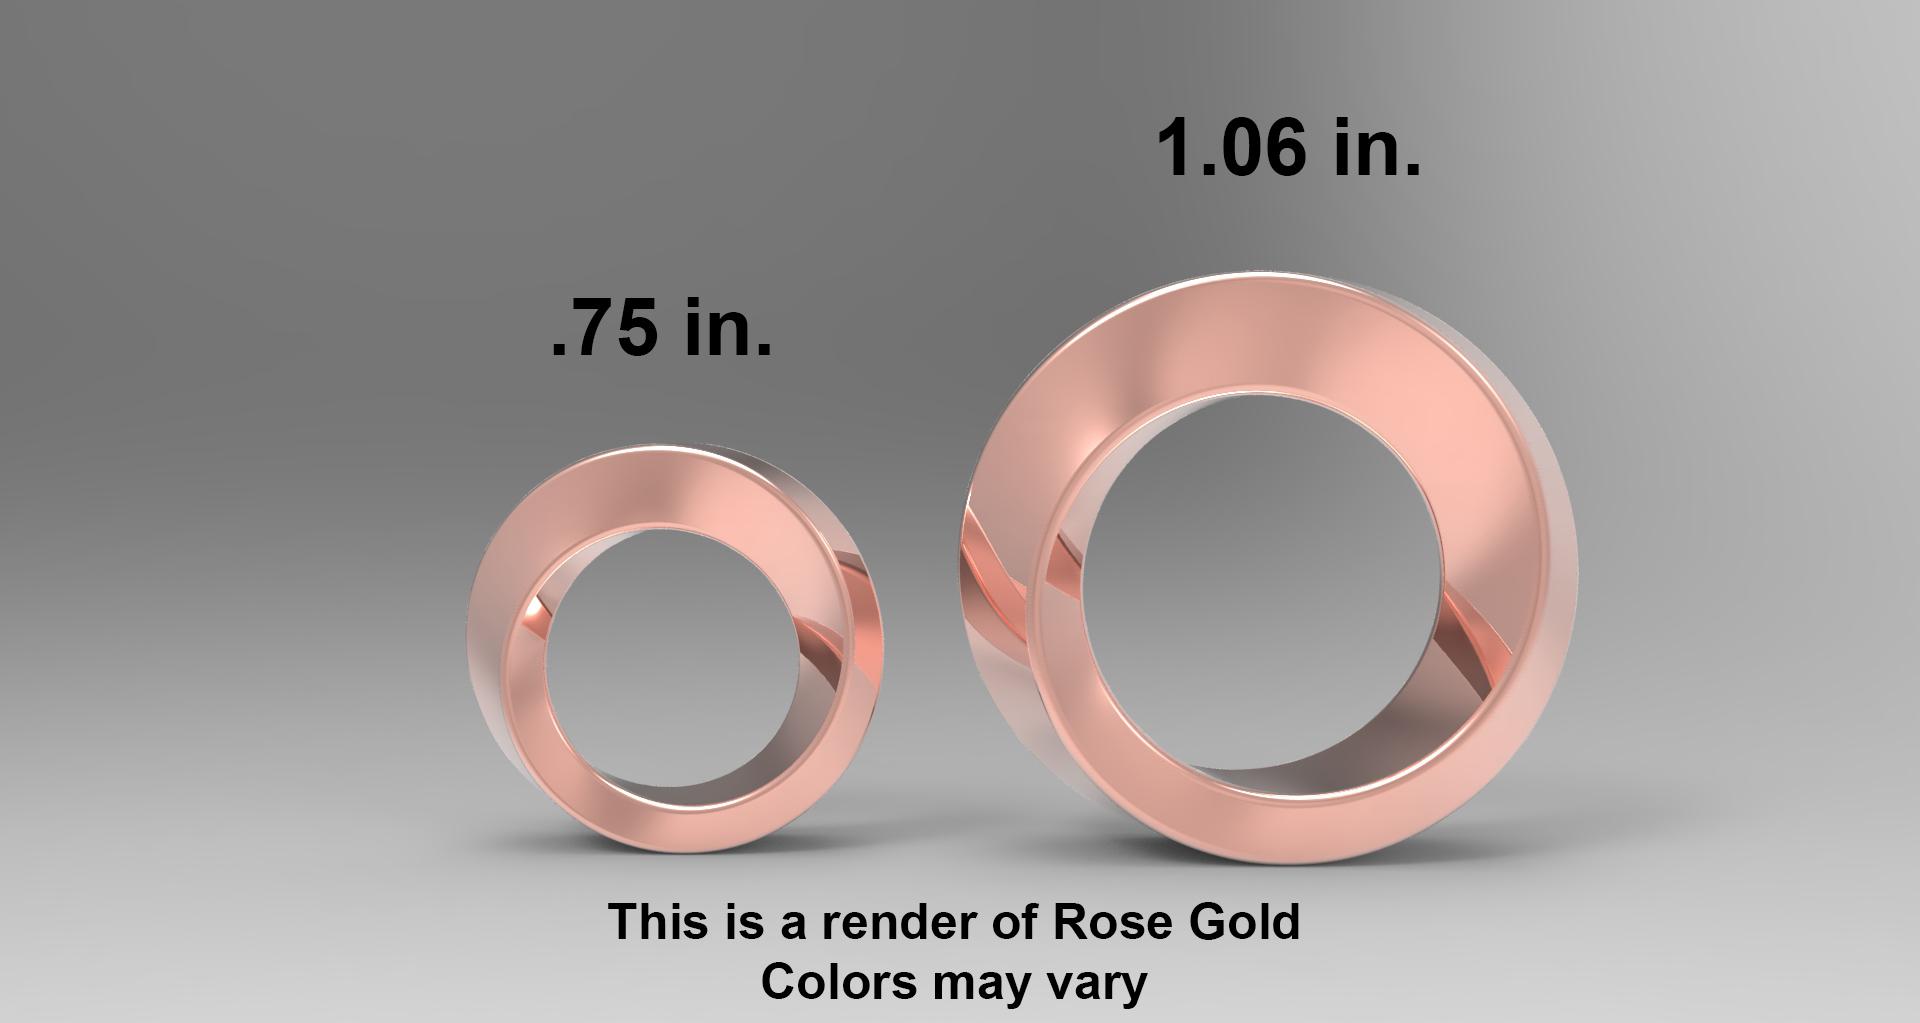 Rose Gold Renders_edit.jpg